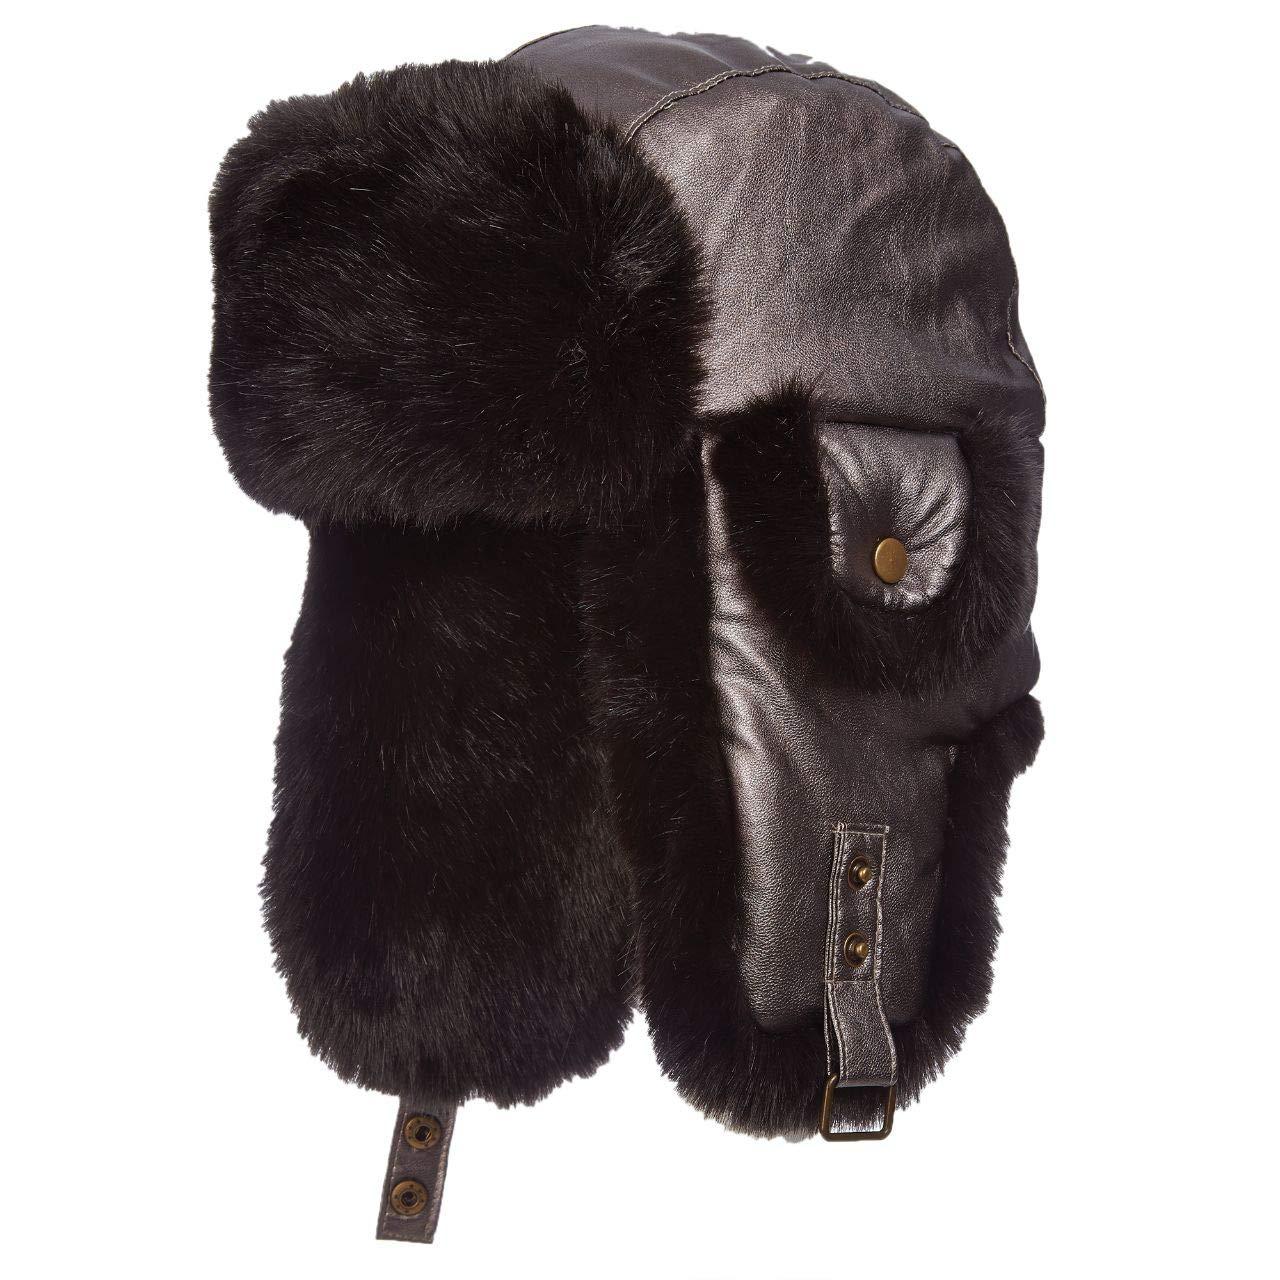 Scala Pronto Metallic Trooper Trapper Faux Fur Lined Ear Laps (LW685) (Black)